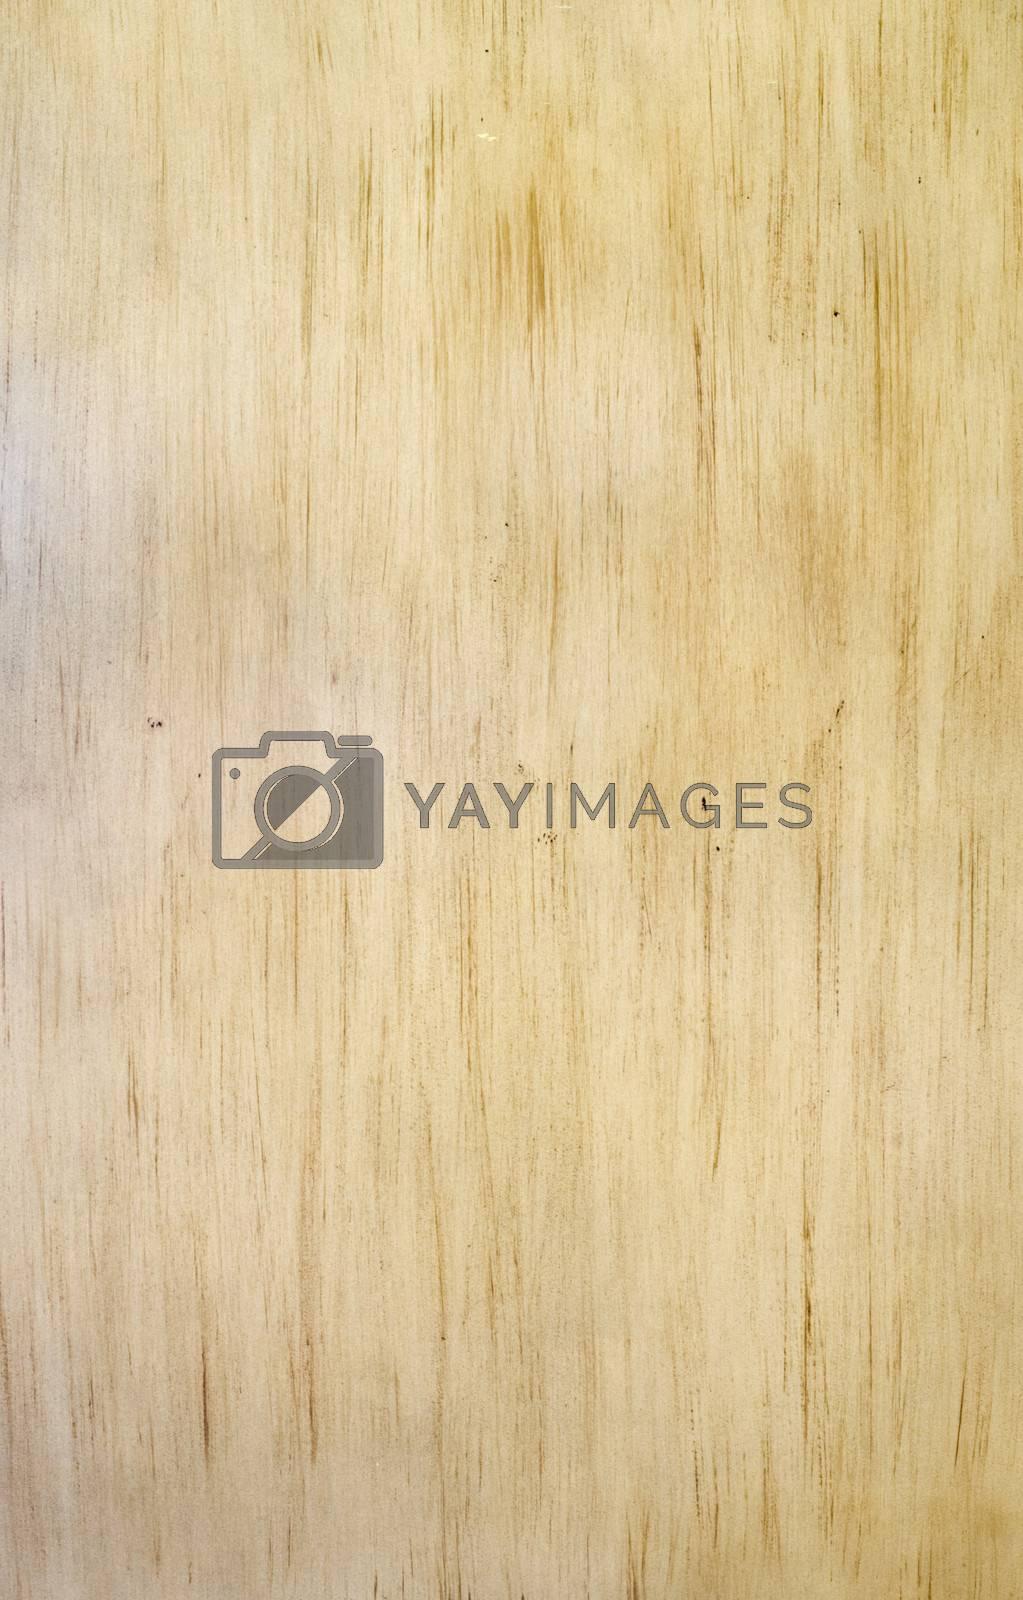 Royalty free image of wood background  by Pakhnyushchyy